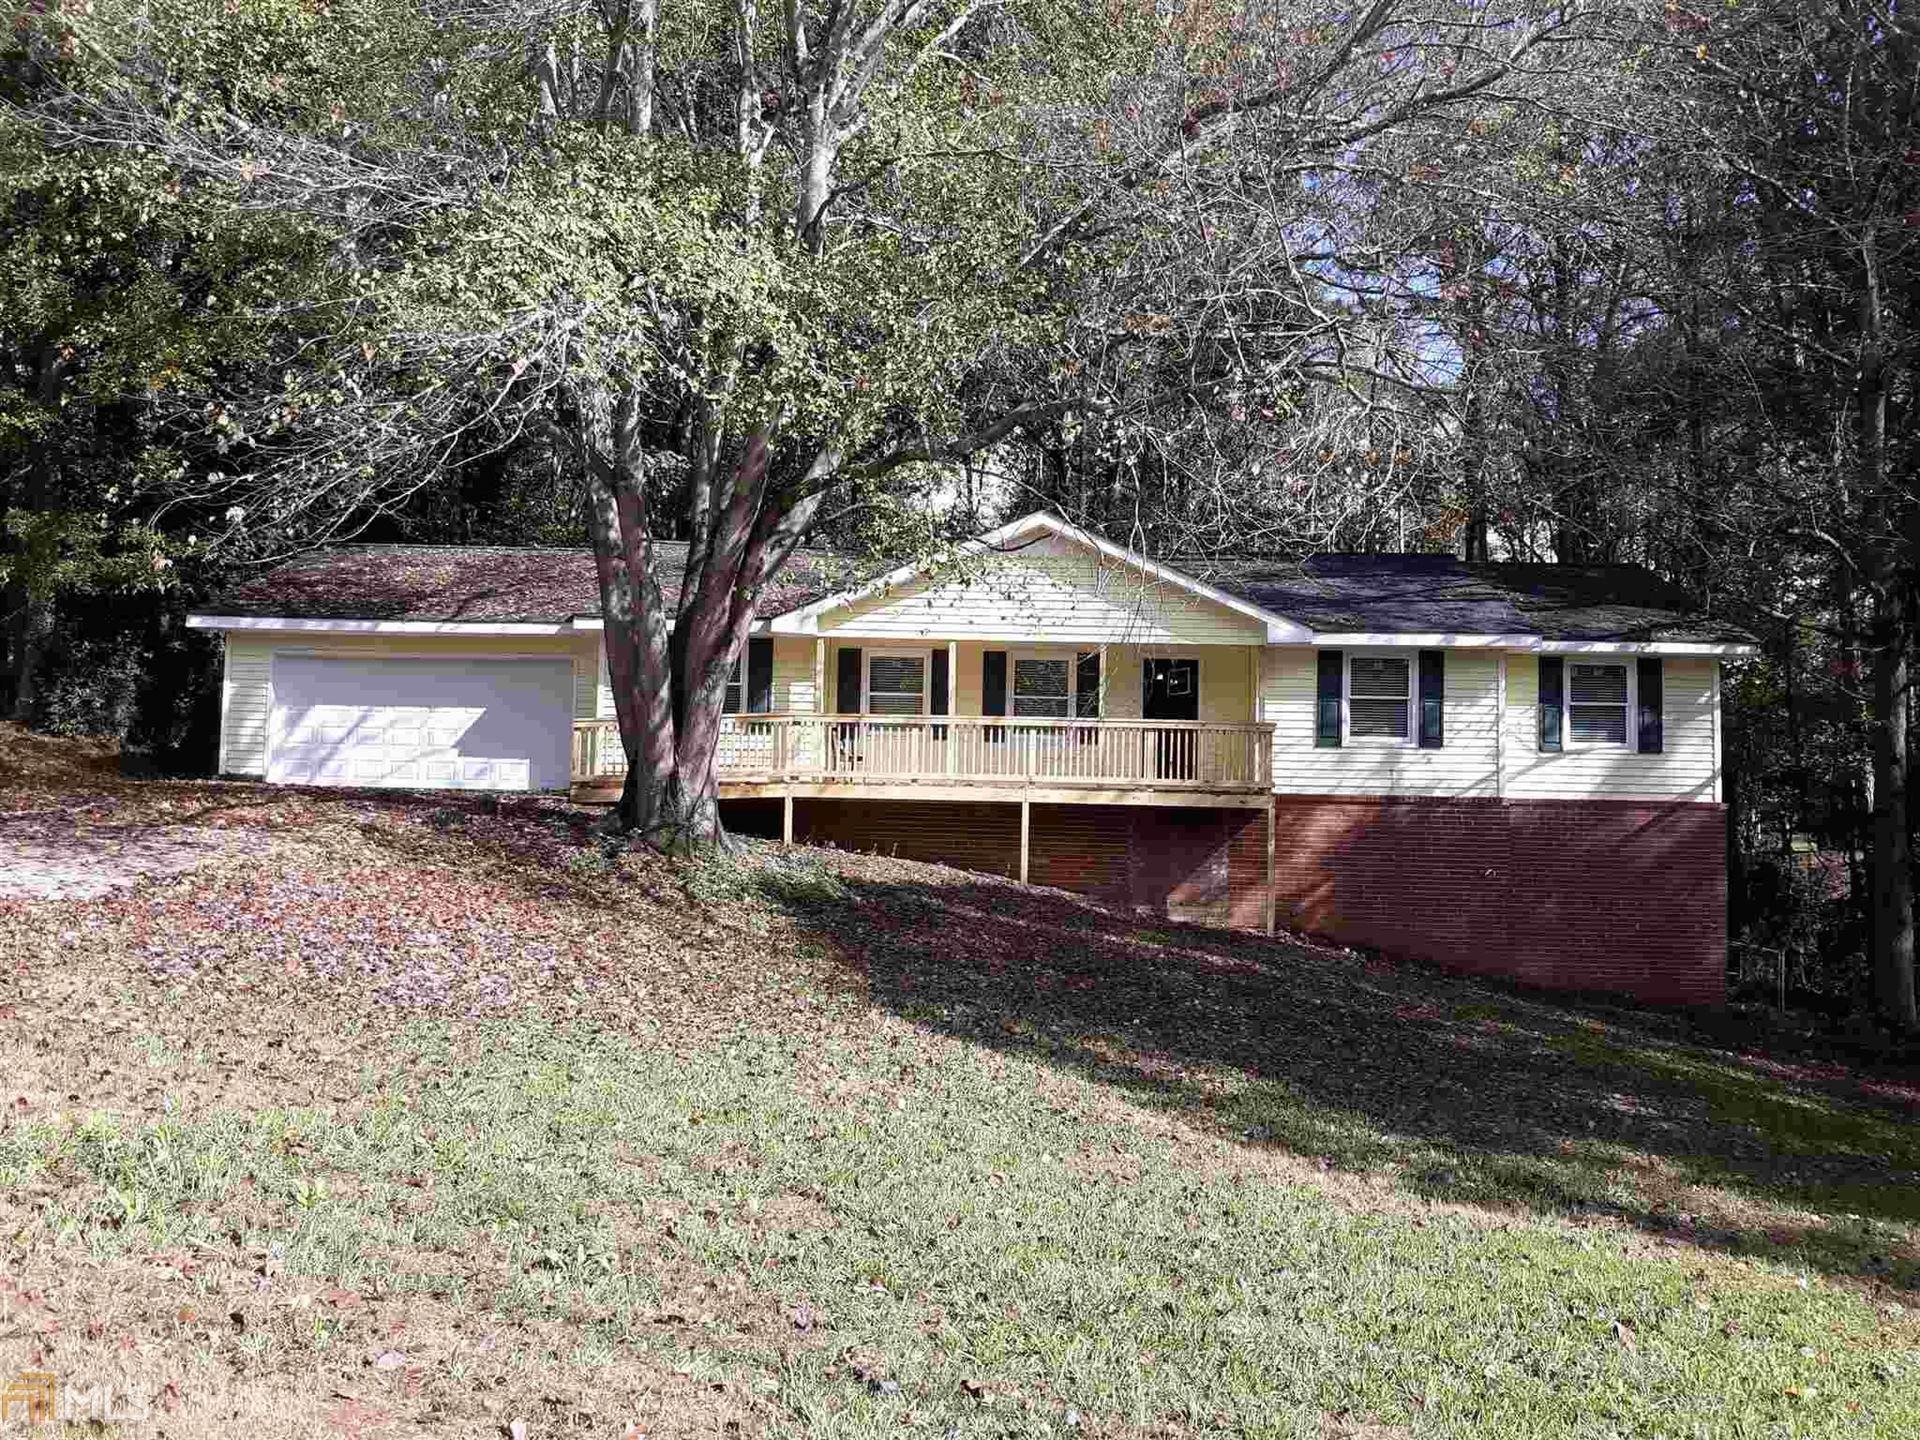 2330 Village Dr, Covington, GA 30016 - MLS#: 8888469